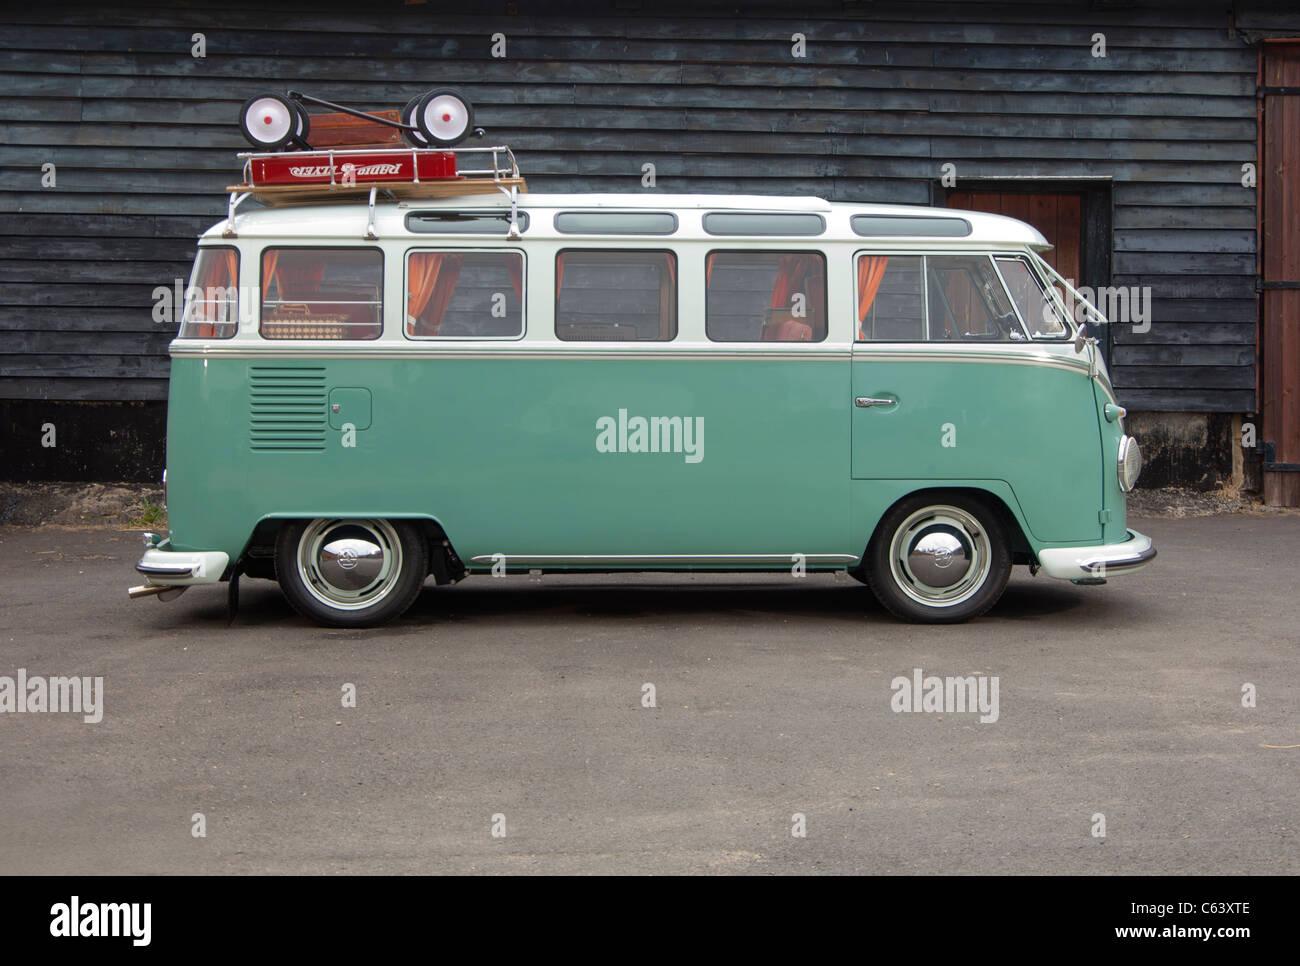 Classic VW Volkswagen Spit Screen 21 window camper van bus - Stock Image